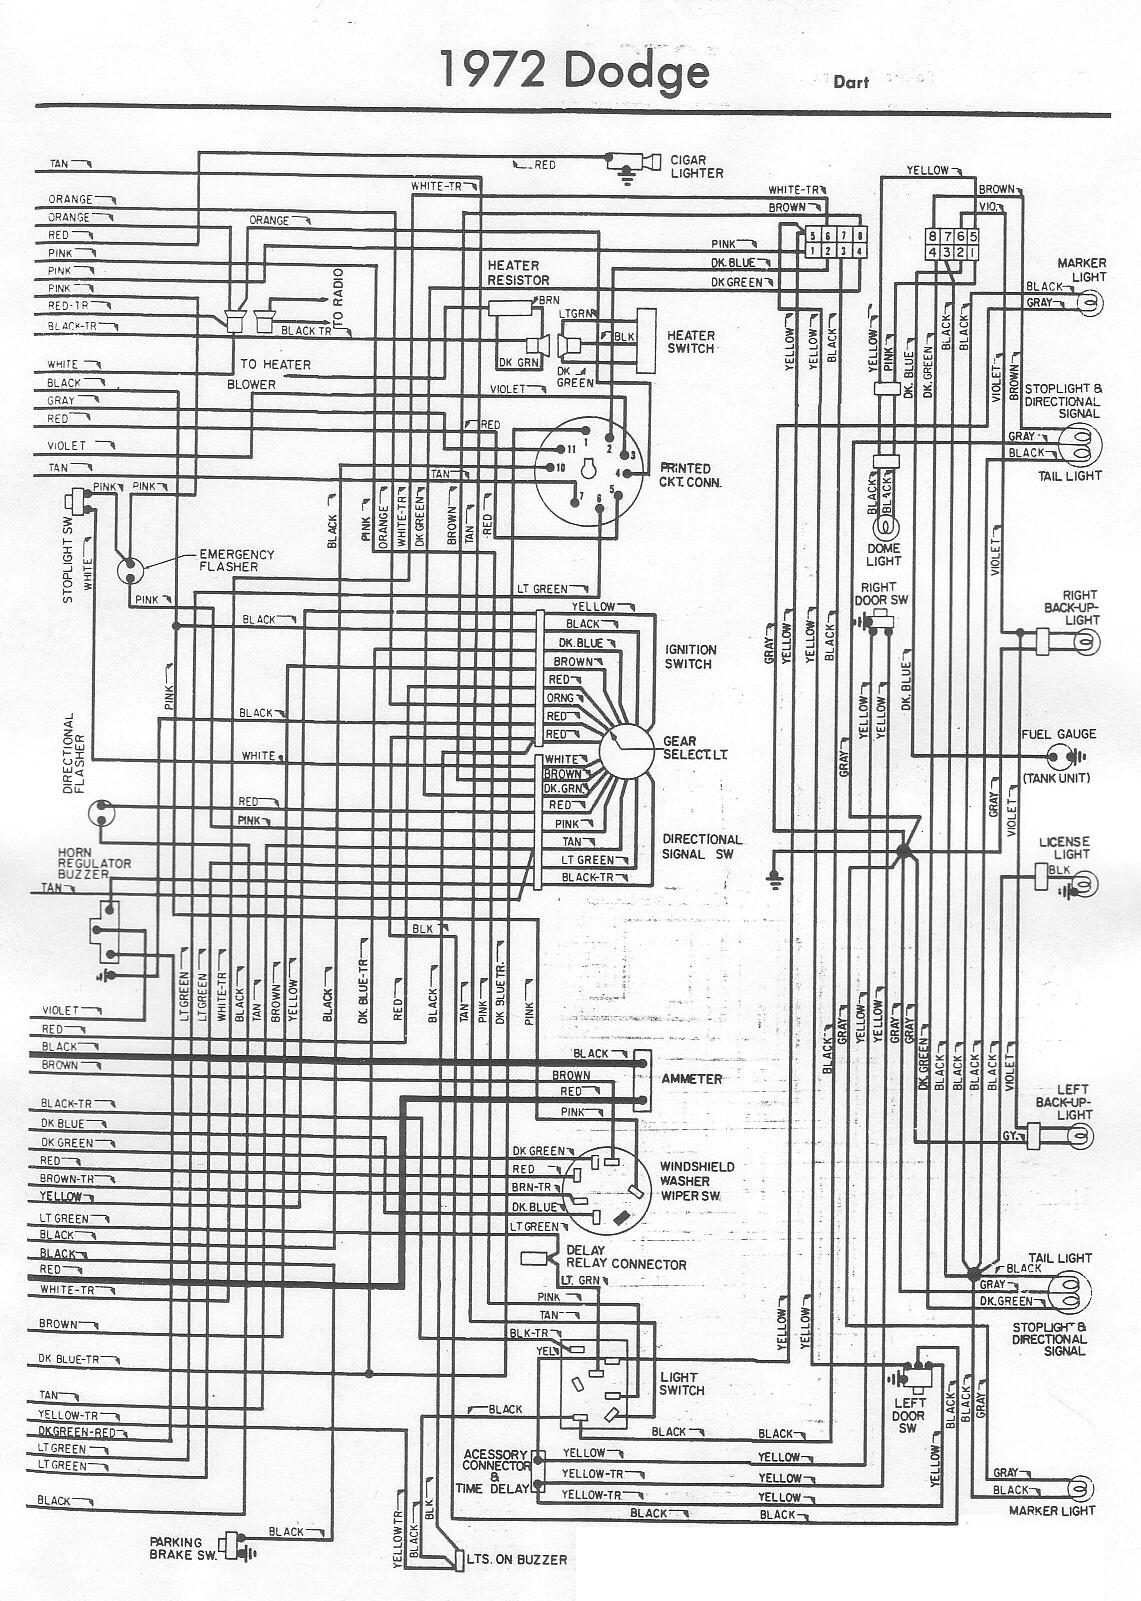 1972 dodge dart wiring diagram schematic 5915a5 1972 dodge wiring diagram trusted schematics diagram  5915a5 1972 dodge wiring diagram